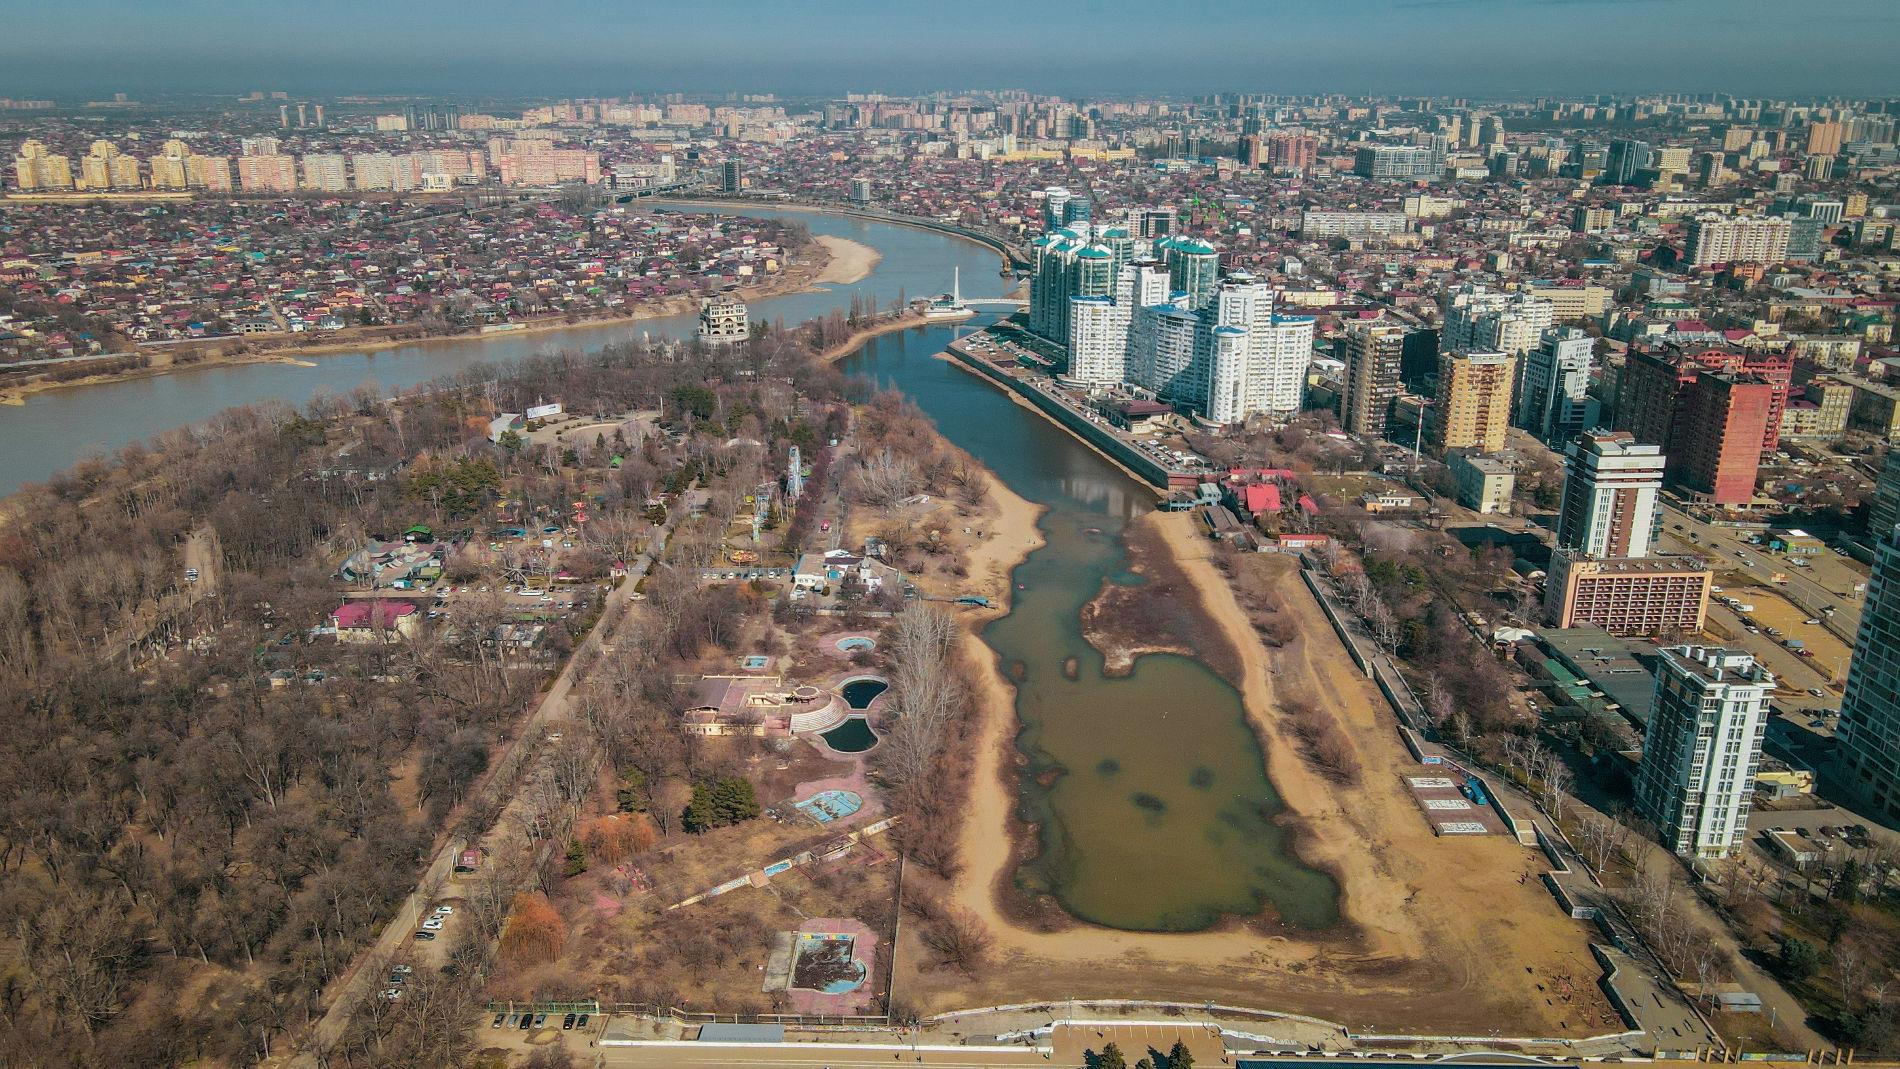 Затон и парк 30-летия победы в Краснодаре ©Фото предоставлено порталу Юга.ру Евгением Геруновым